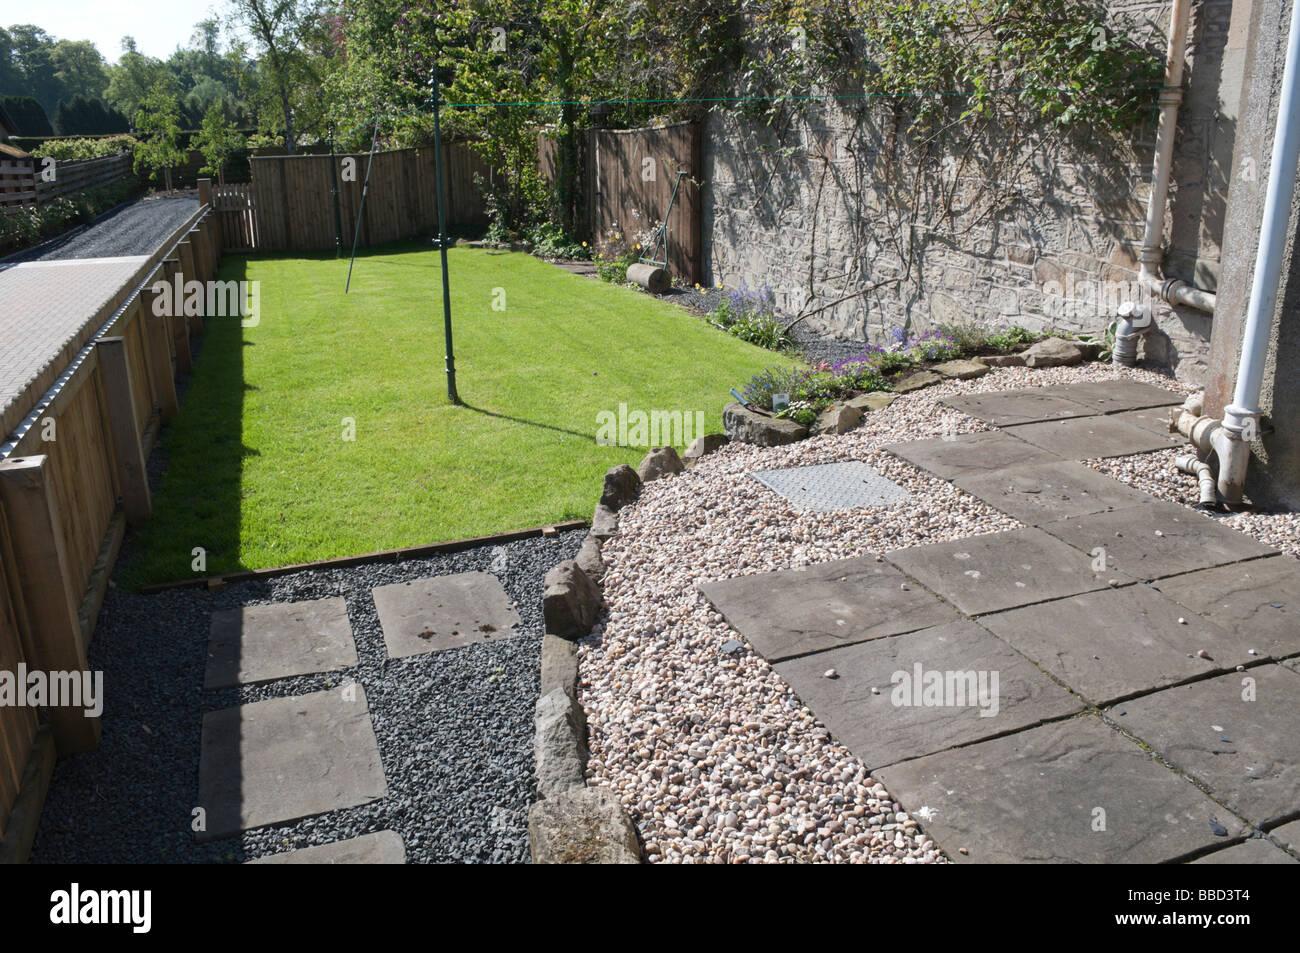 Jardin paysagé avec pelouse nouvellement fixées aux gazons Photo Stock